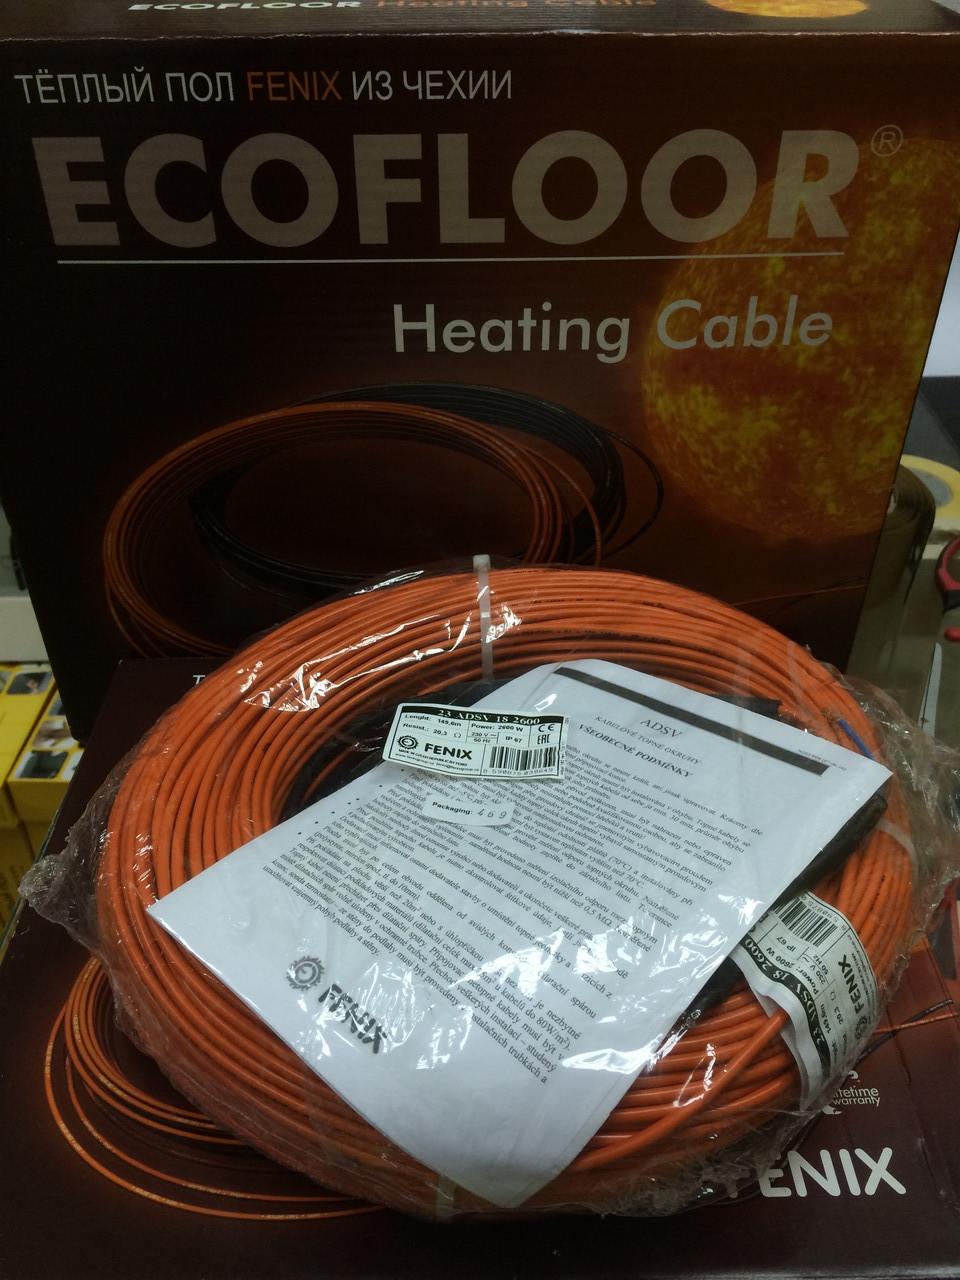 10 м2 Нагревательный кабель 83м 1500Вт Fenix Ecofloor ADSV18 Чехия для теплого пола 8,3м.кв под плитку